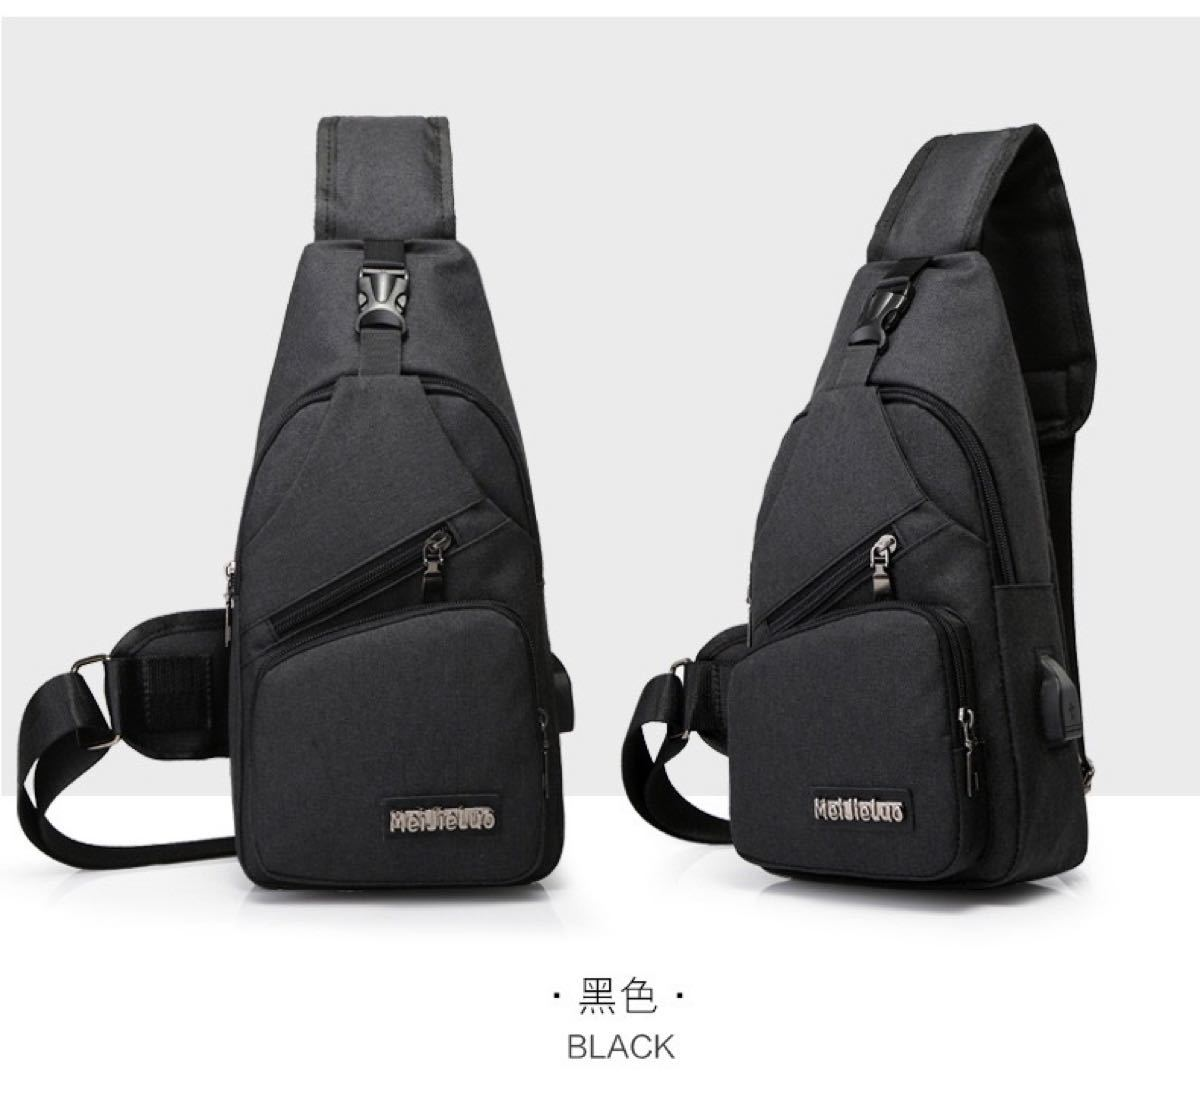 ボディバッグ ショルダーバッグ  軽量 USBポート付き 斜め掛け おしゃれ  メンズバッグ